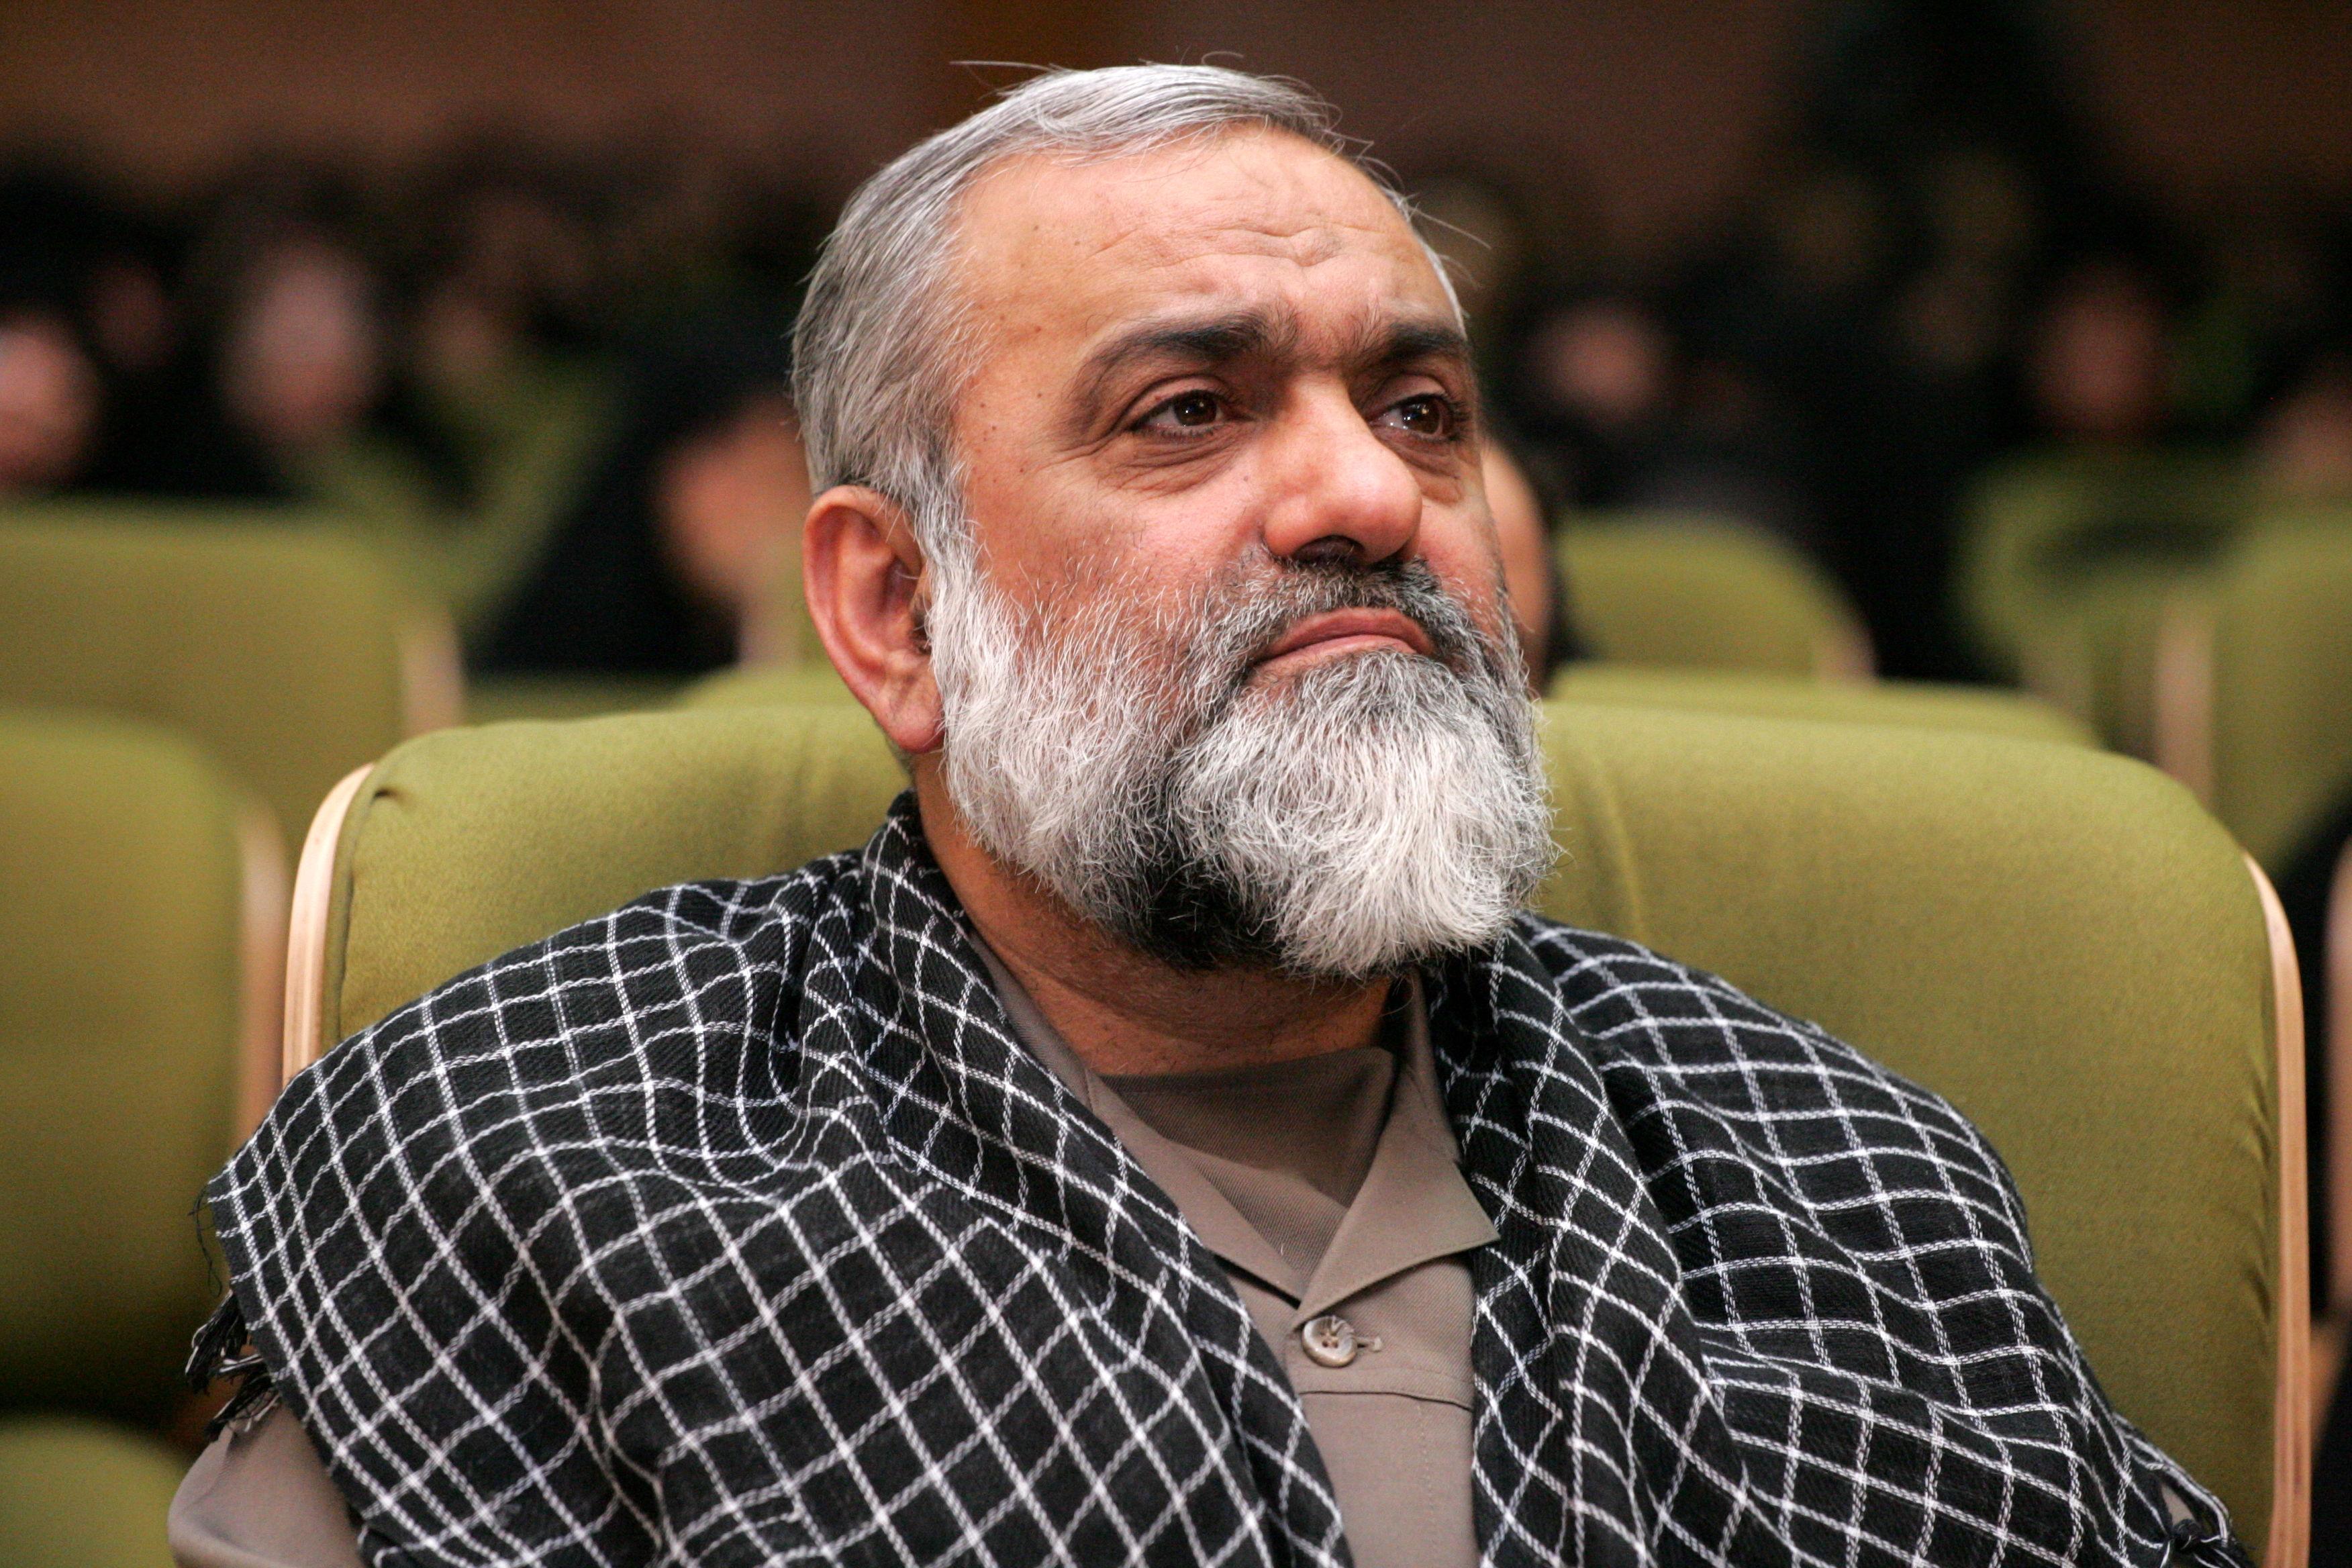 هیچ انقلابی با خصوصیات انقلاب اسلامی در دنیا نداریم